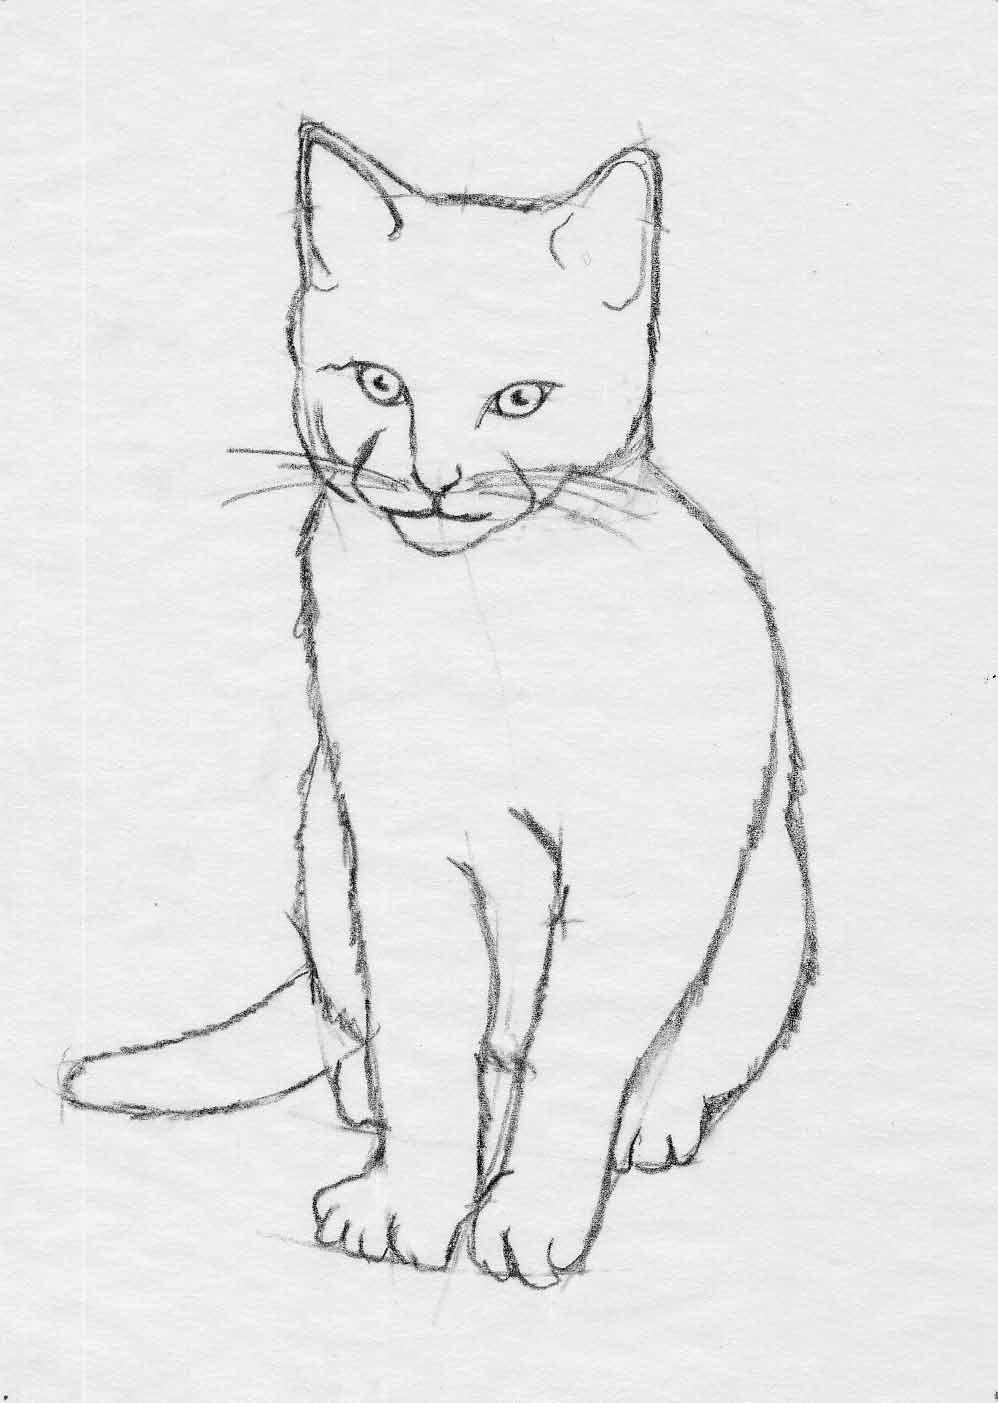 грамотной картинки кошки карандашом легко рисовать мимо него проходит